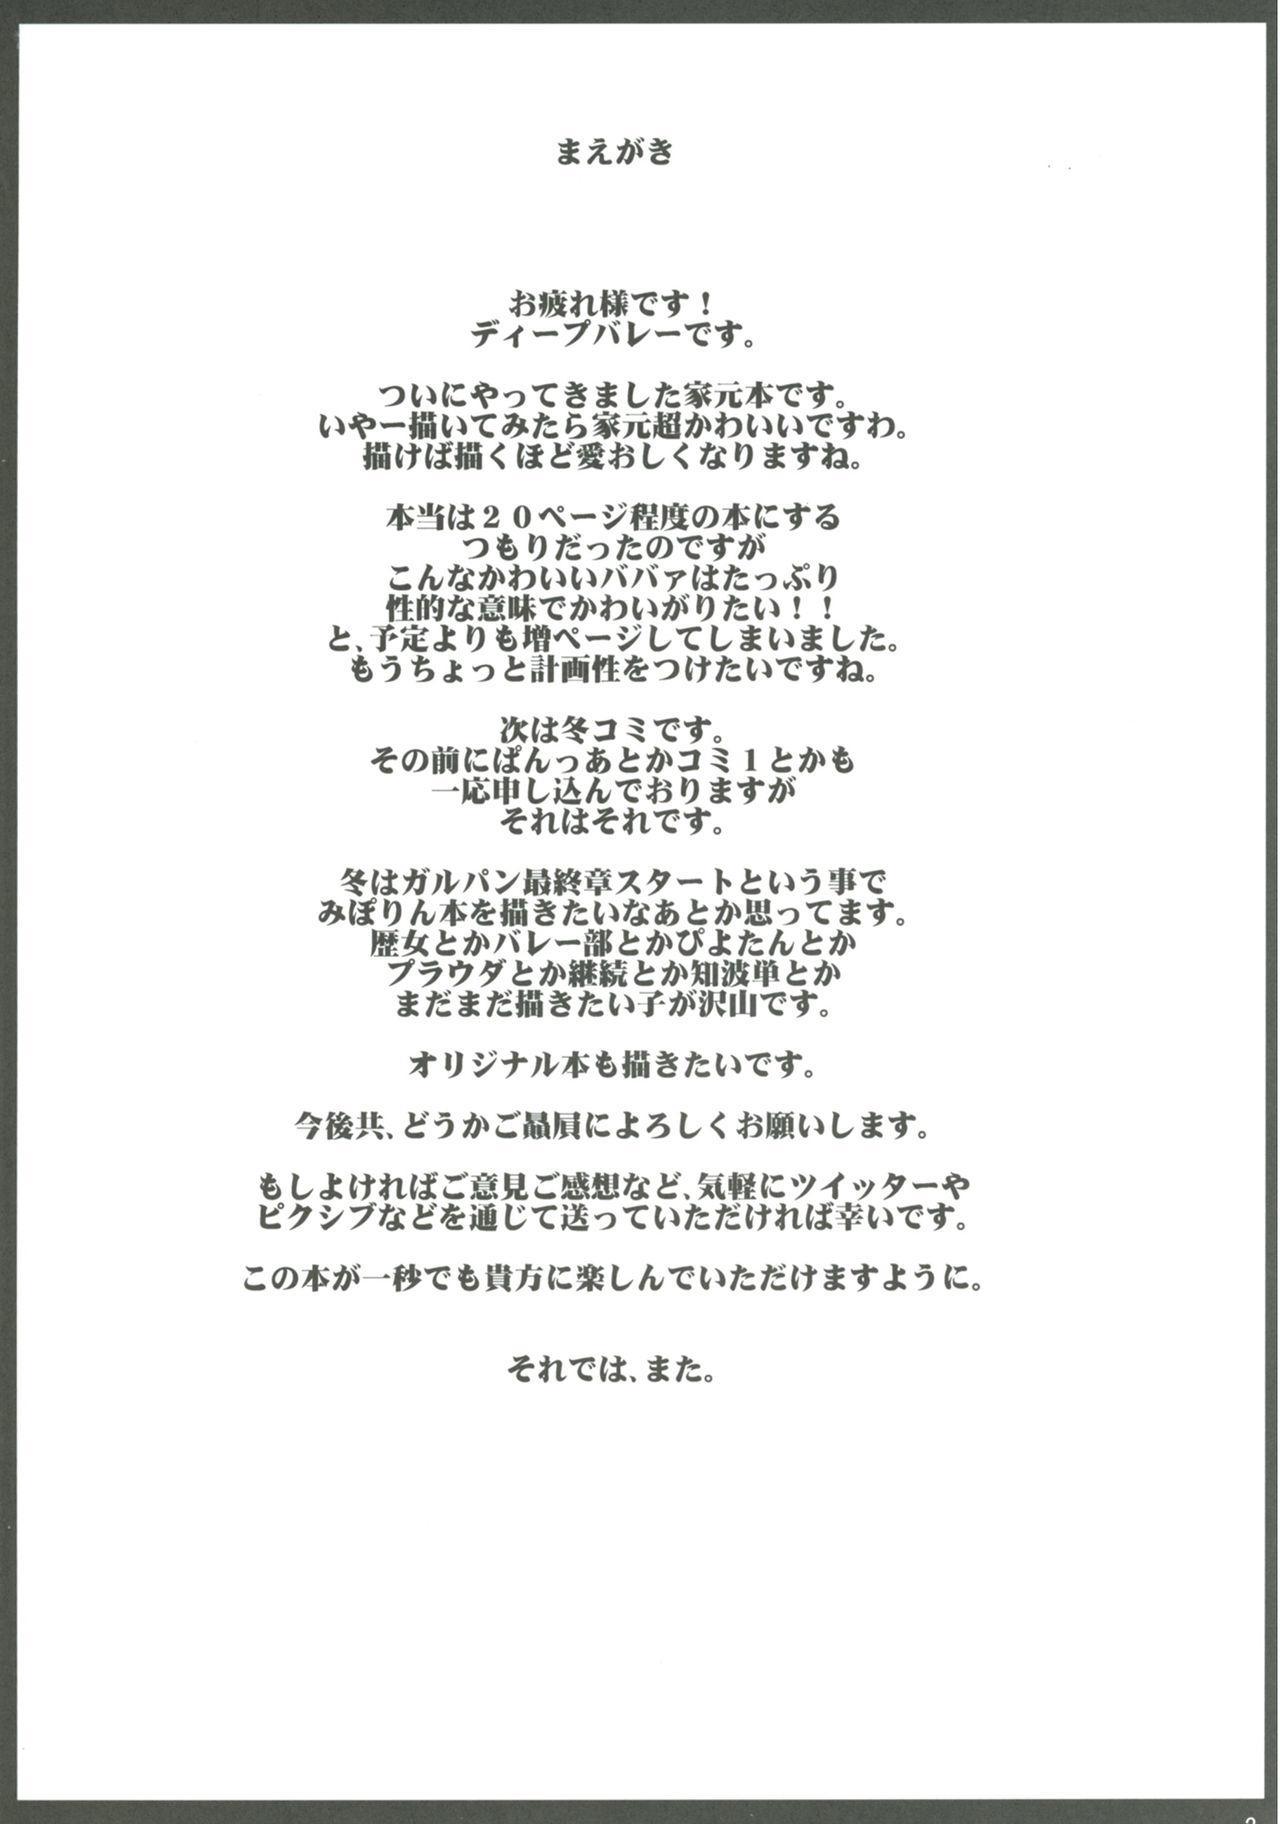 Girl?s & Semen III Nishizumi Shiho no Moteamashita Ureure Body wo Chuunen Chinpo de Soutou Sakusen! Iemoto Ransou ni Idenshi Seichuu Butai Shinkou Kaishi 2